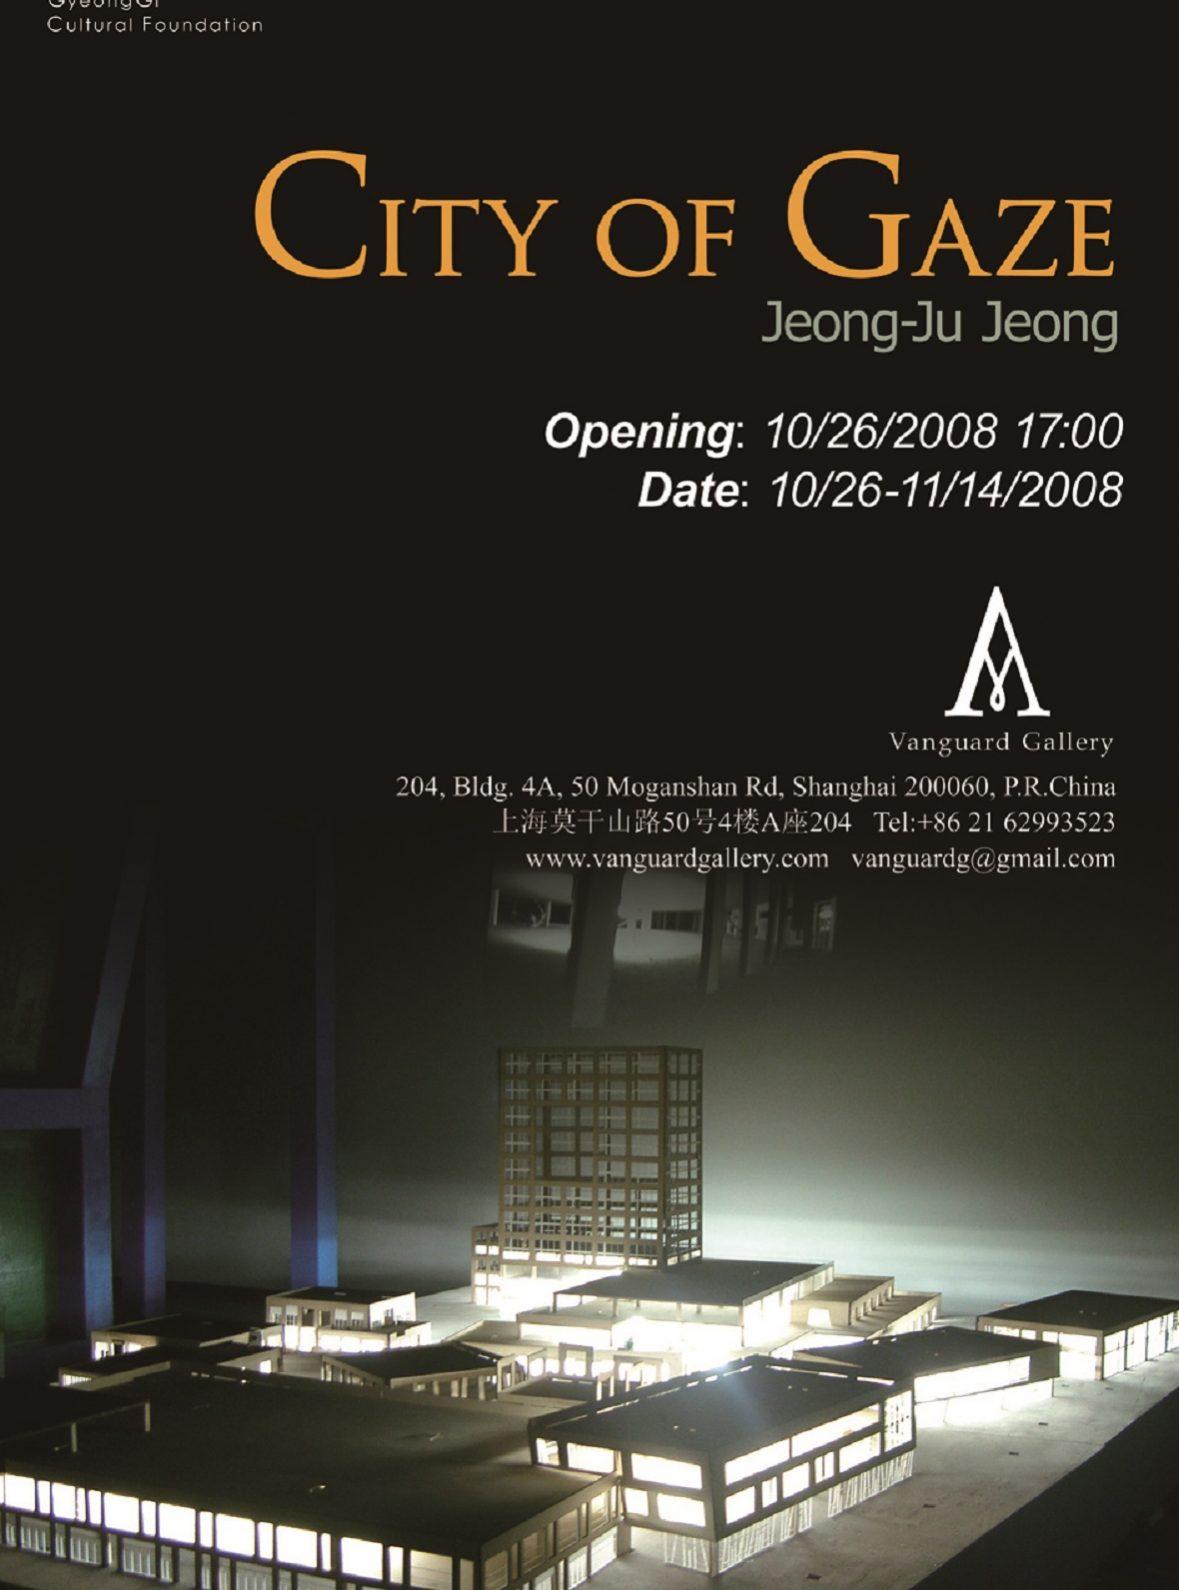 City of Gaze